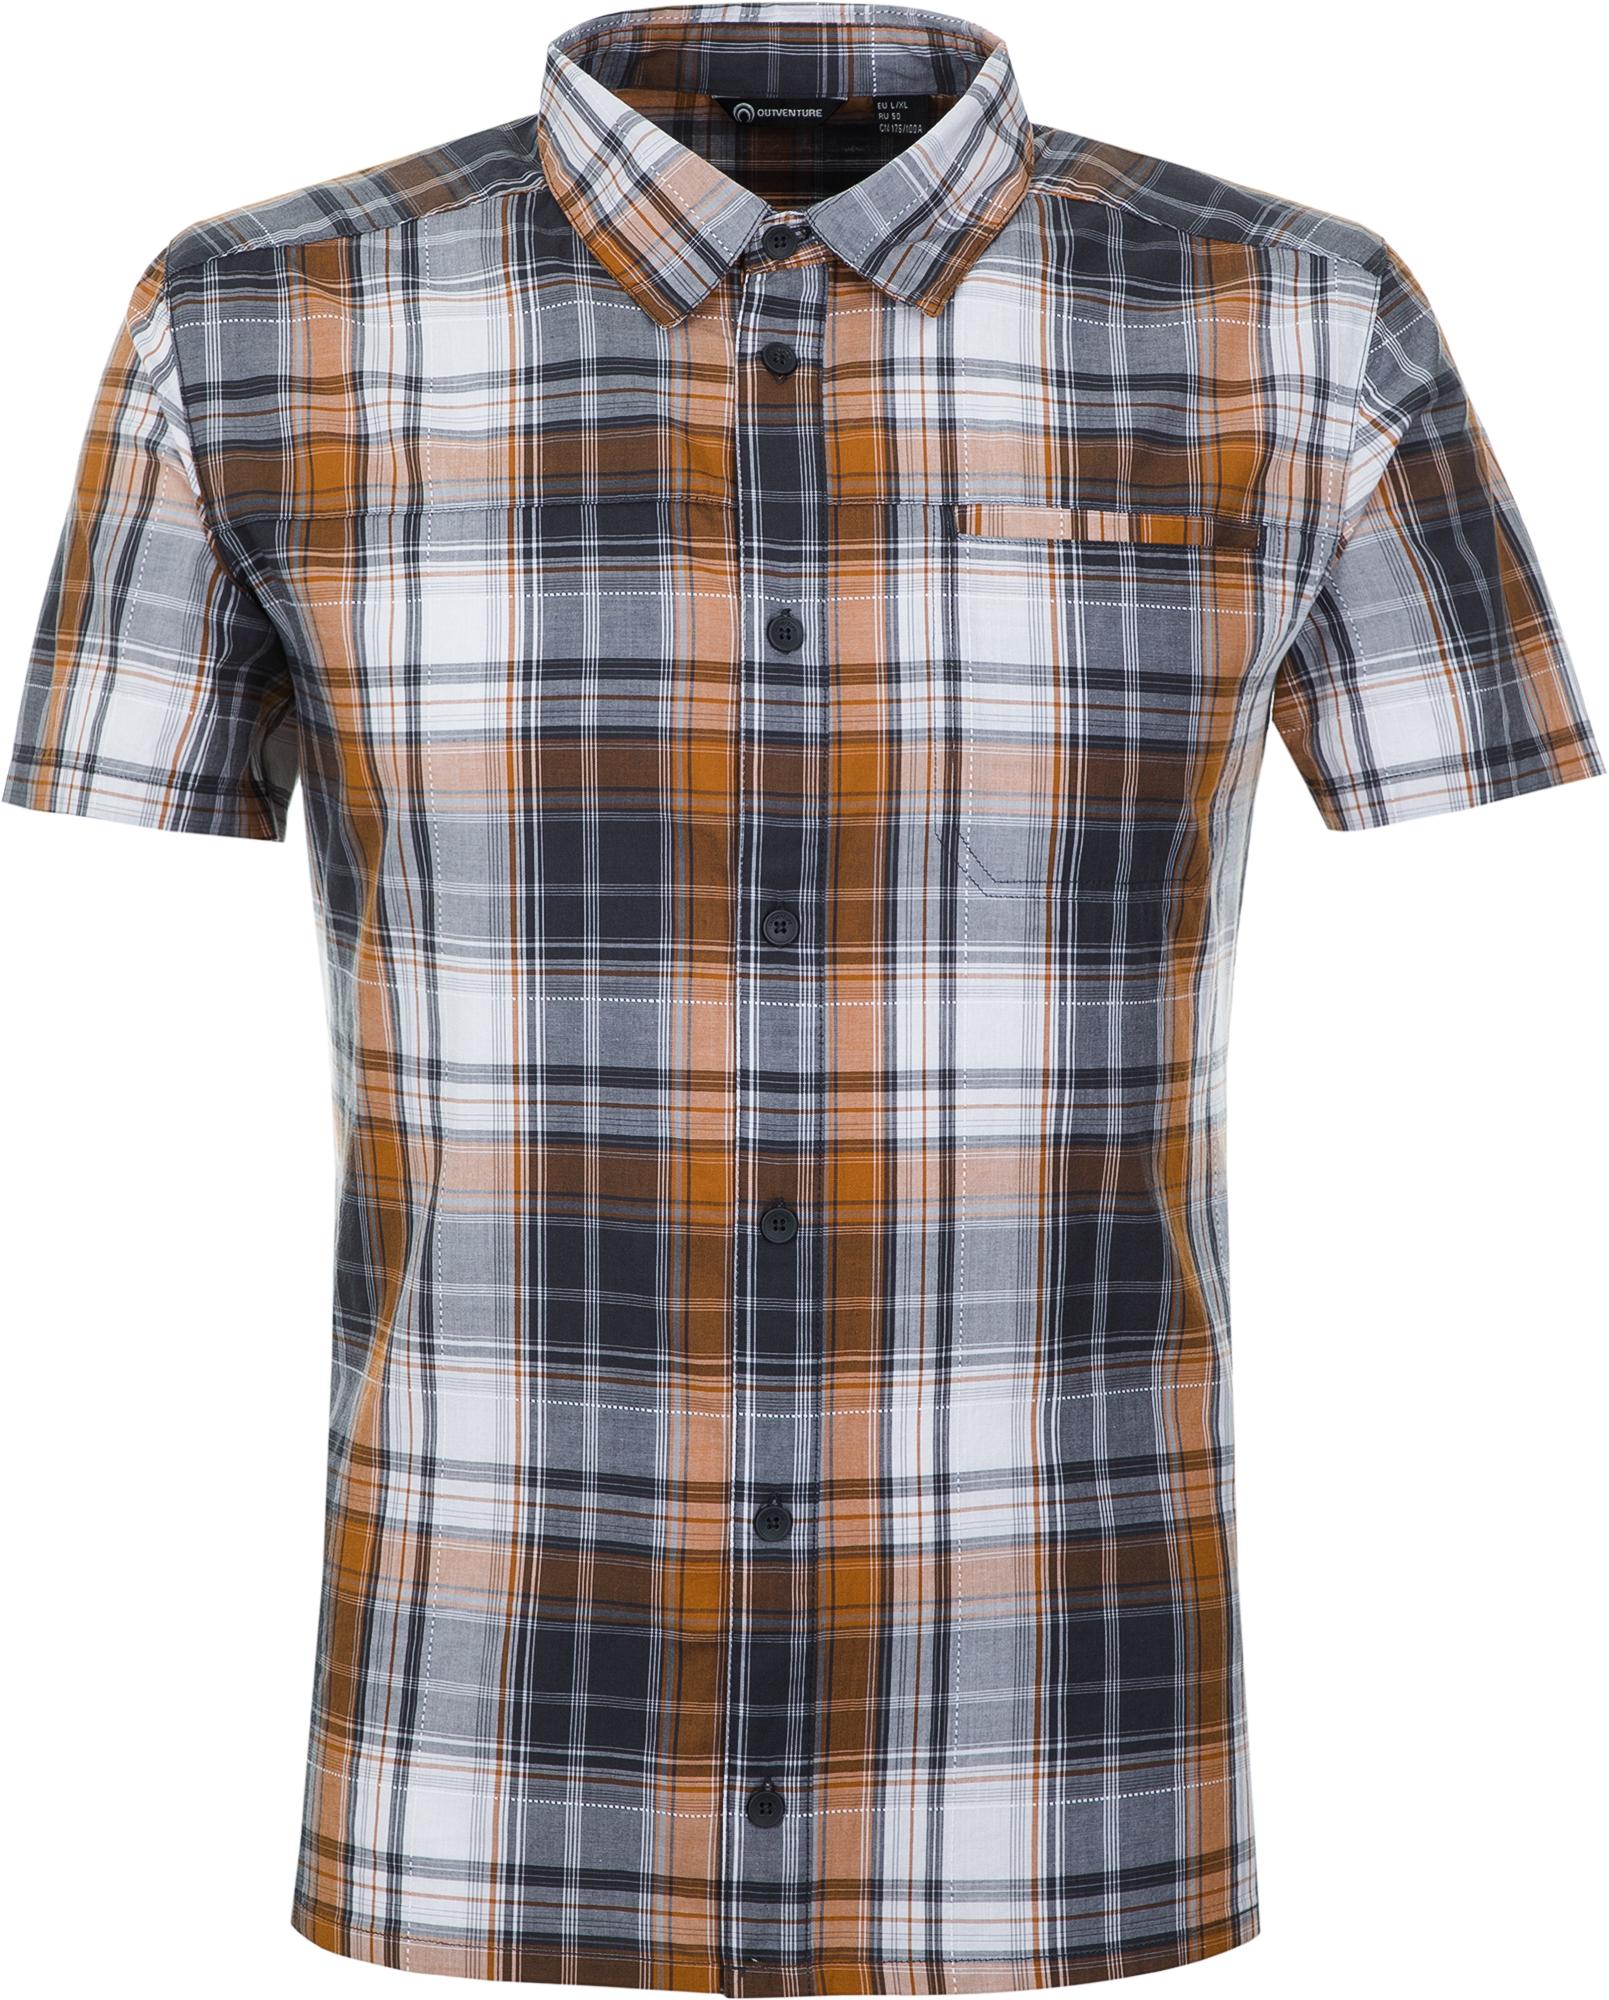 Outventure Рубашка мужская Outventure, размер 58 недорго, оригинальная цена